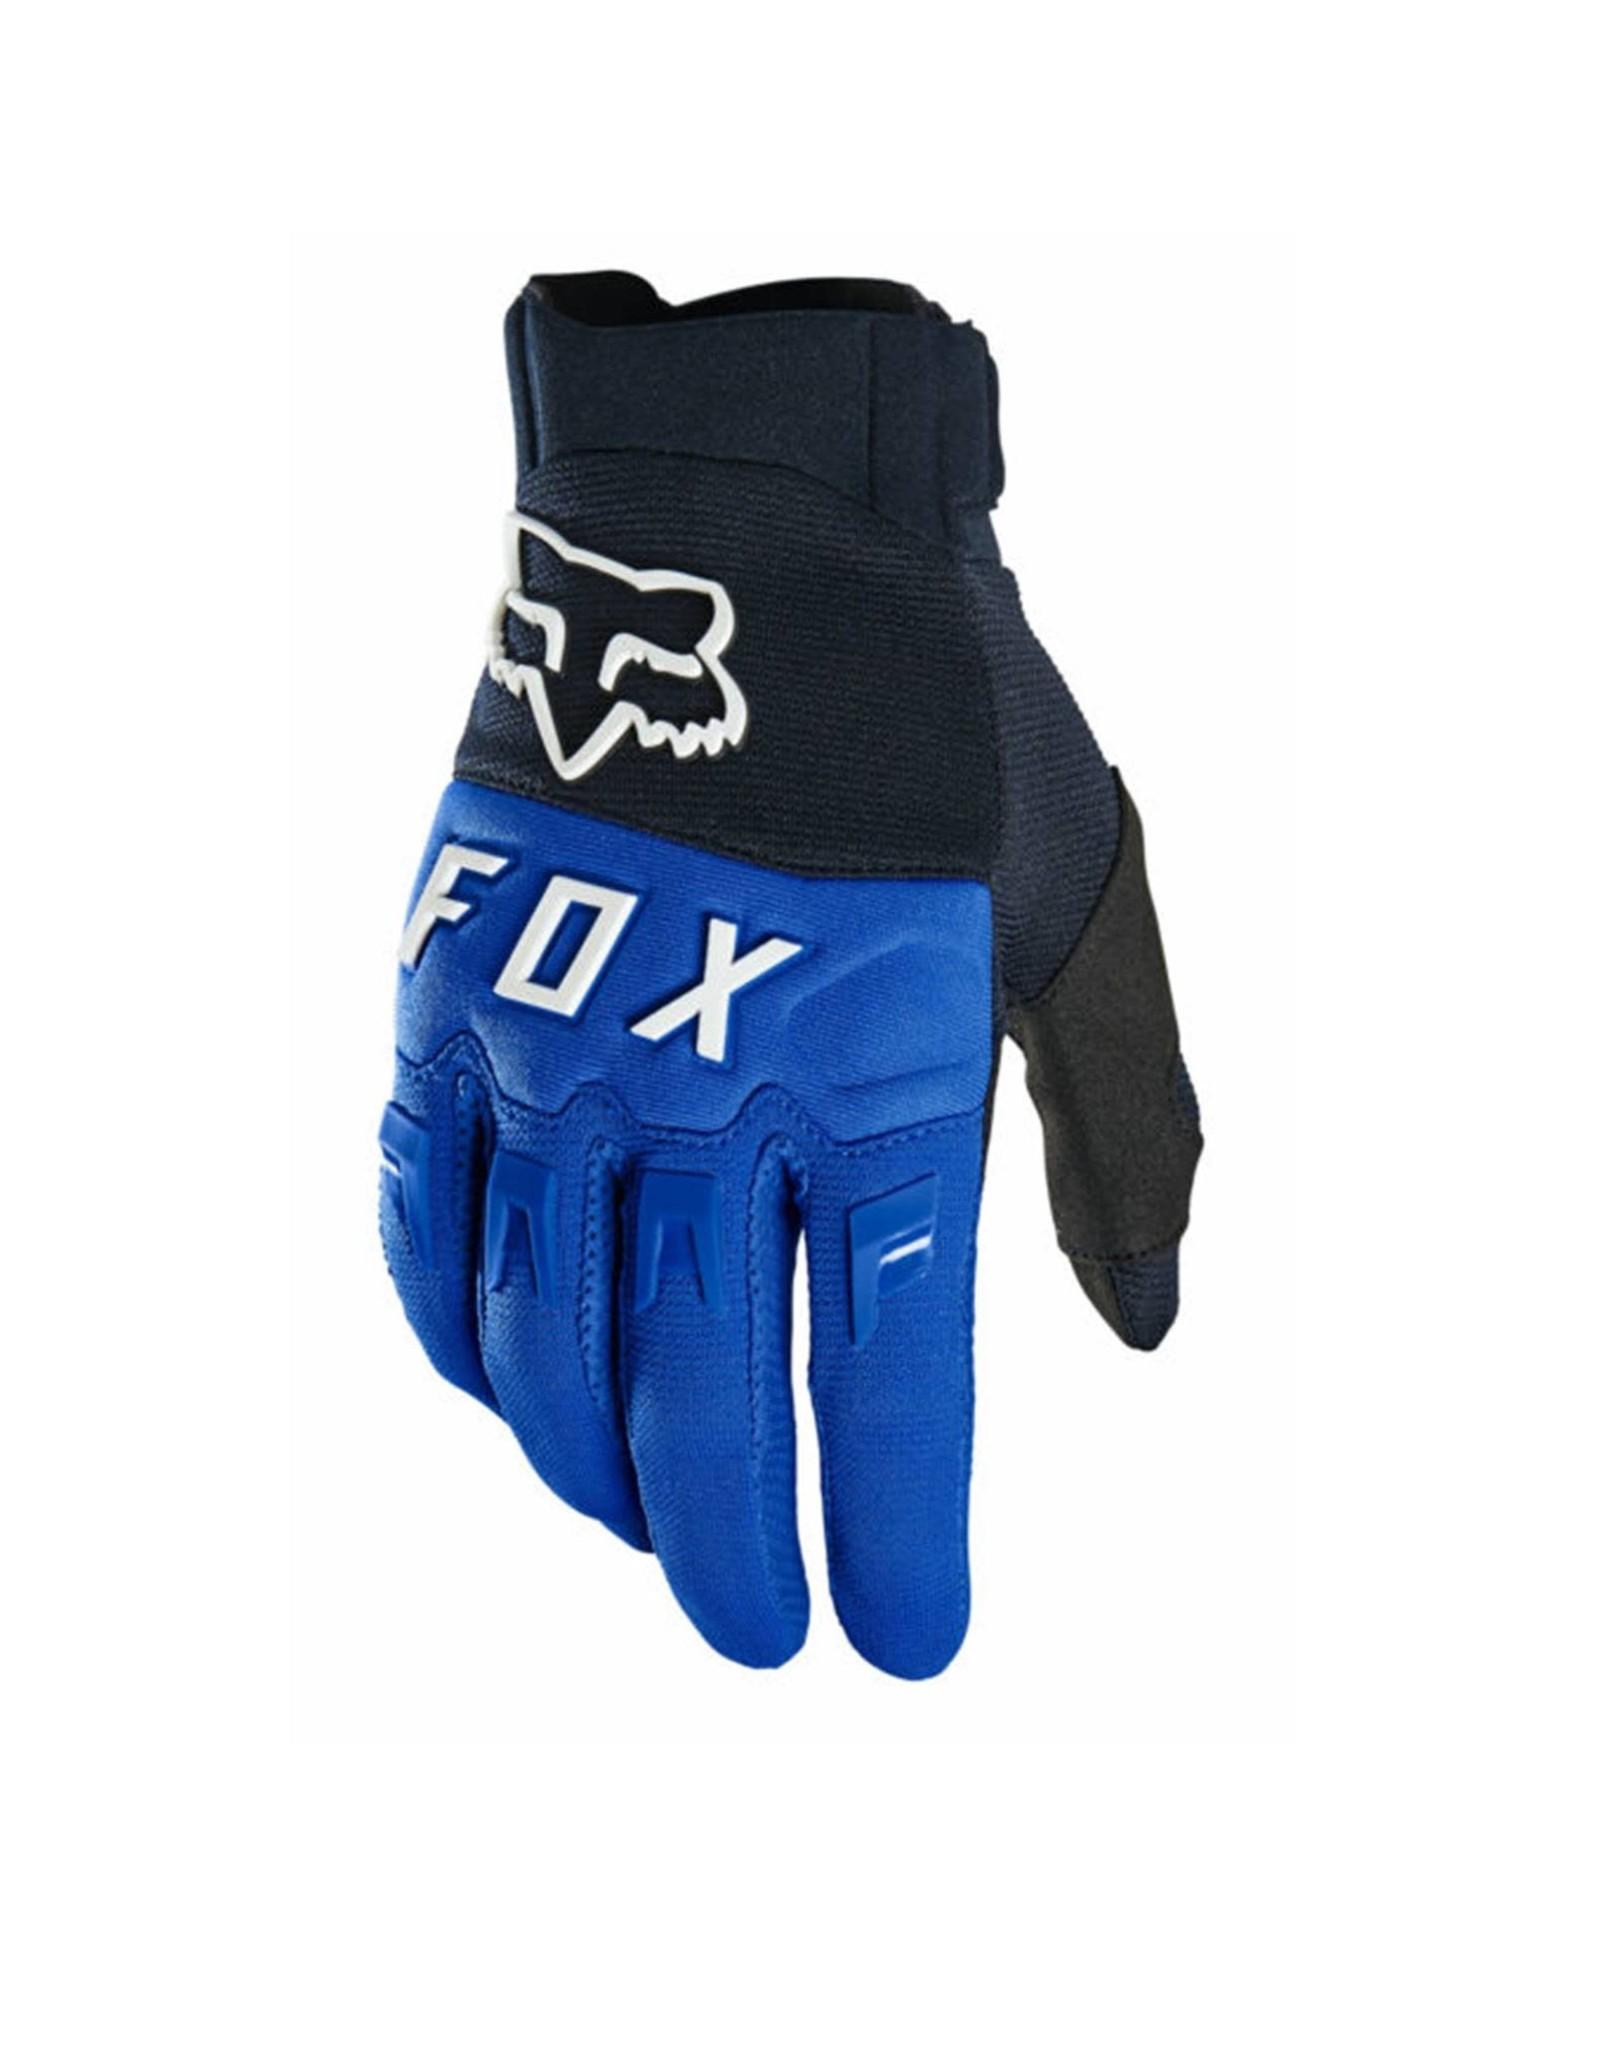 Fox Dirtpaw Mountain Bike Glove Blue/White